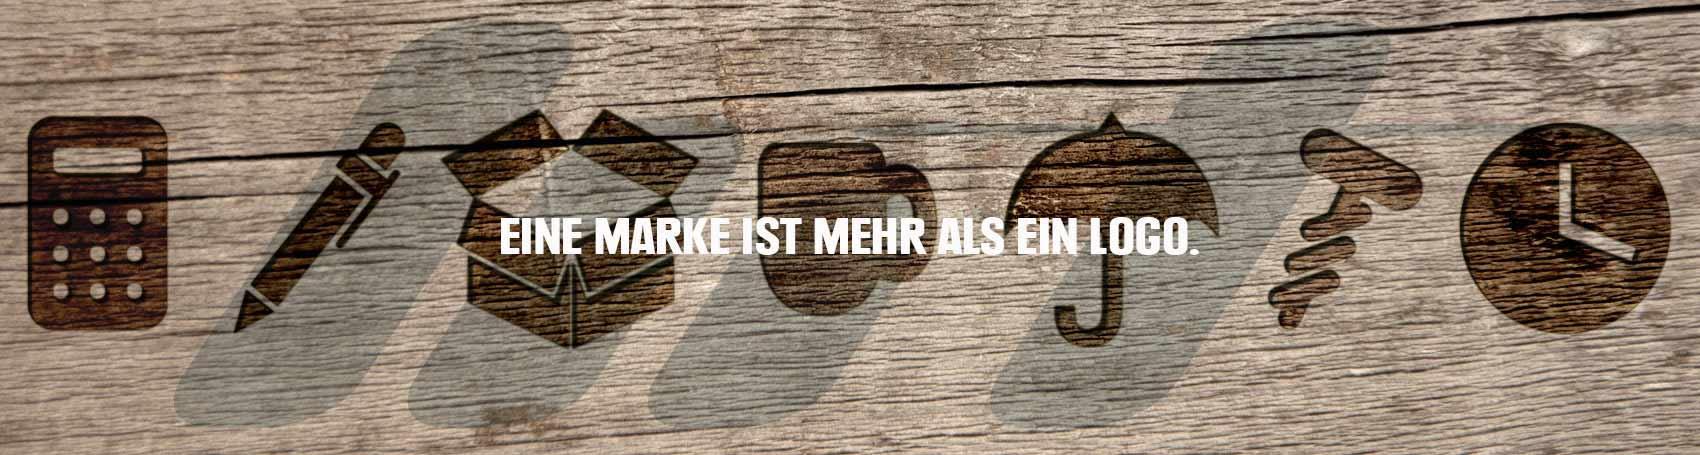 Kontakt zur Agentur für Werbemittel Markentauglich Hamburg